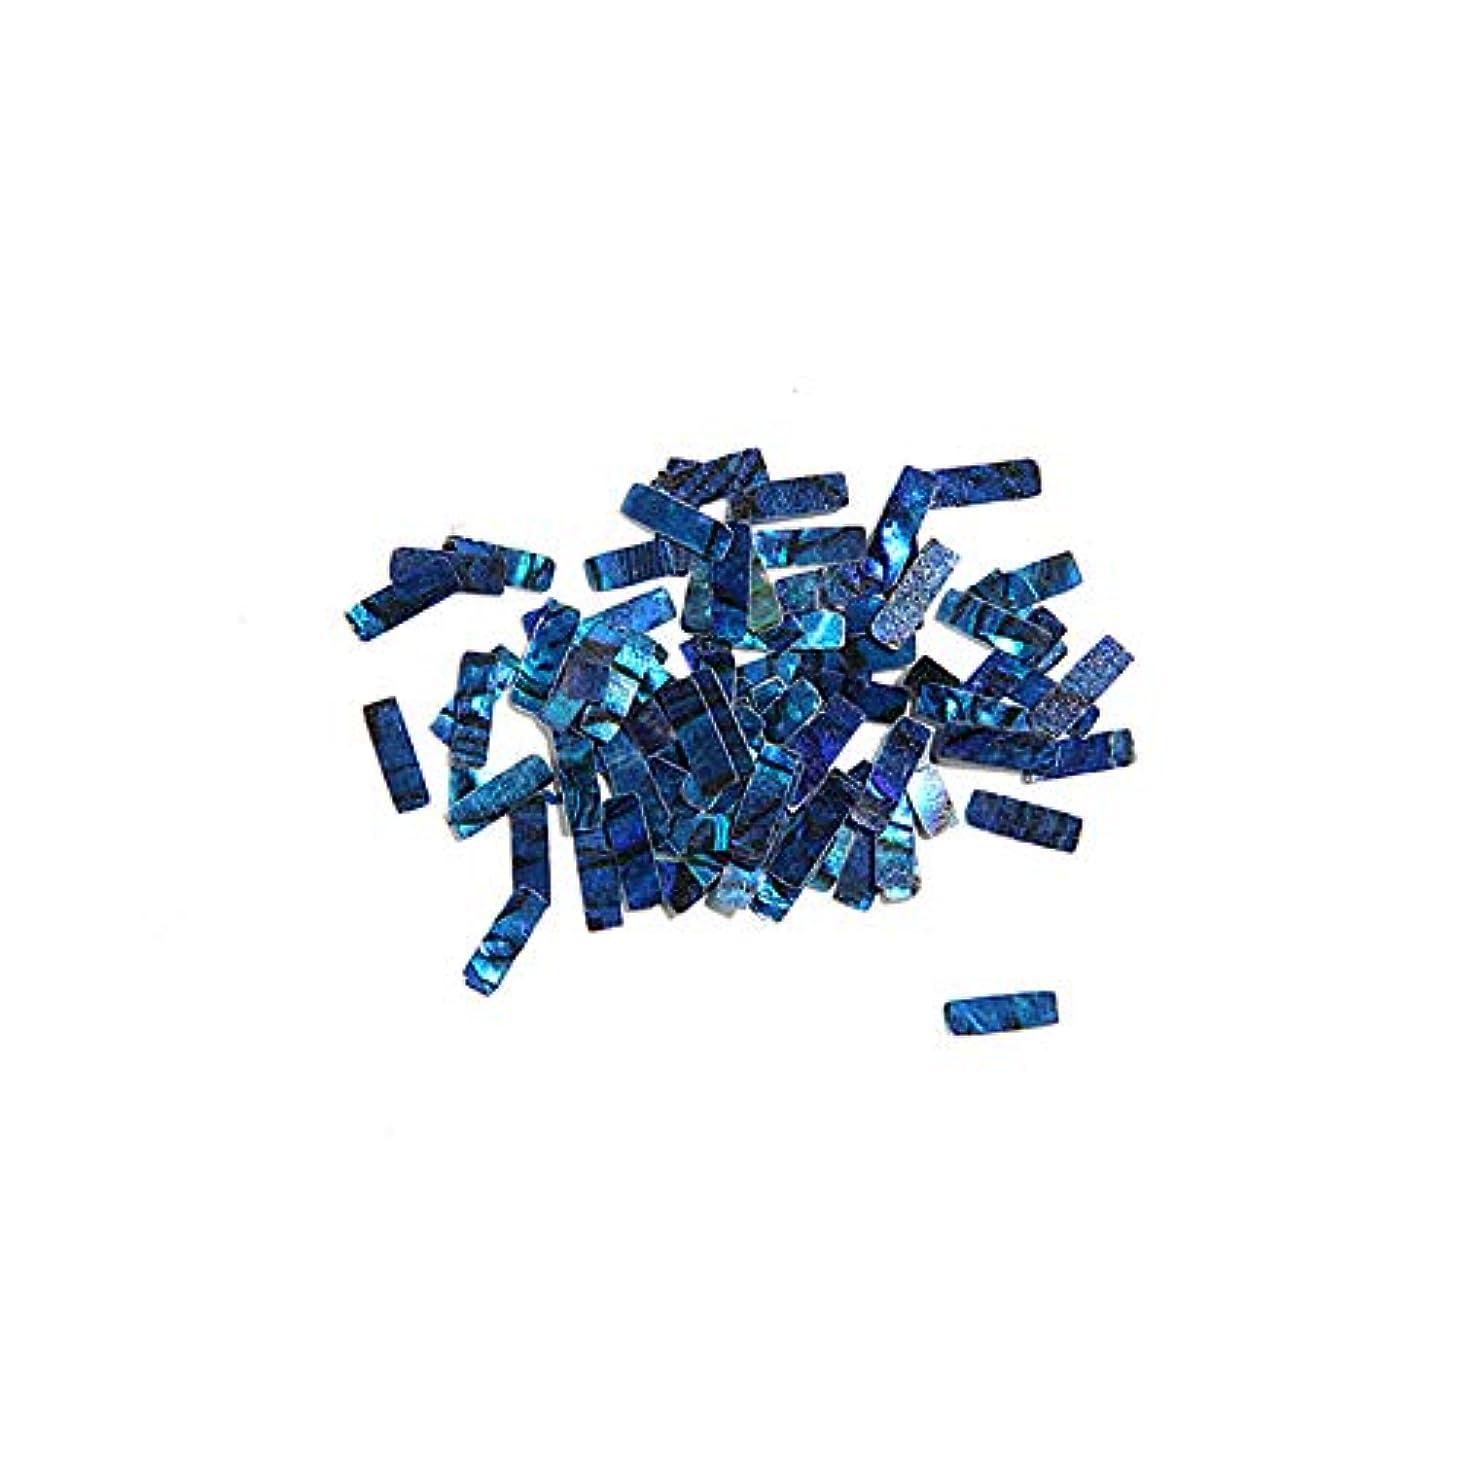 尋ねるボードふつうSnner ネイル グリッター ラメ キラキラ ラメパウダー ネイルアートパーツ レジン用 ジェルネイル おしゃれ プレゼント ネイル用装飾 彩られる ネイルステッカー (YH53-02)